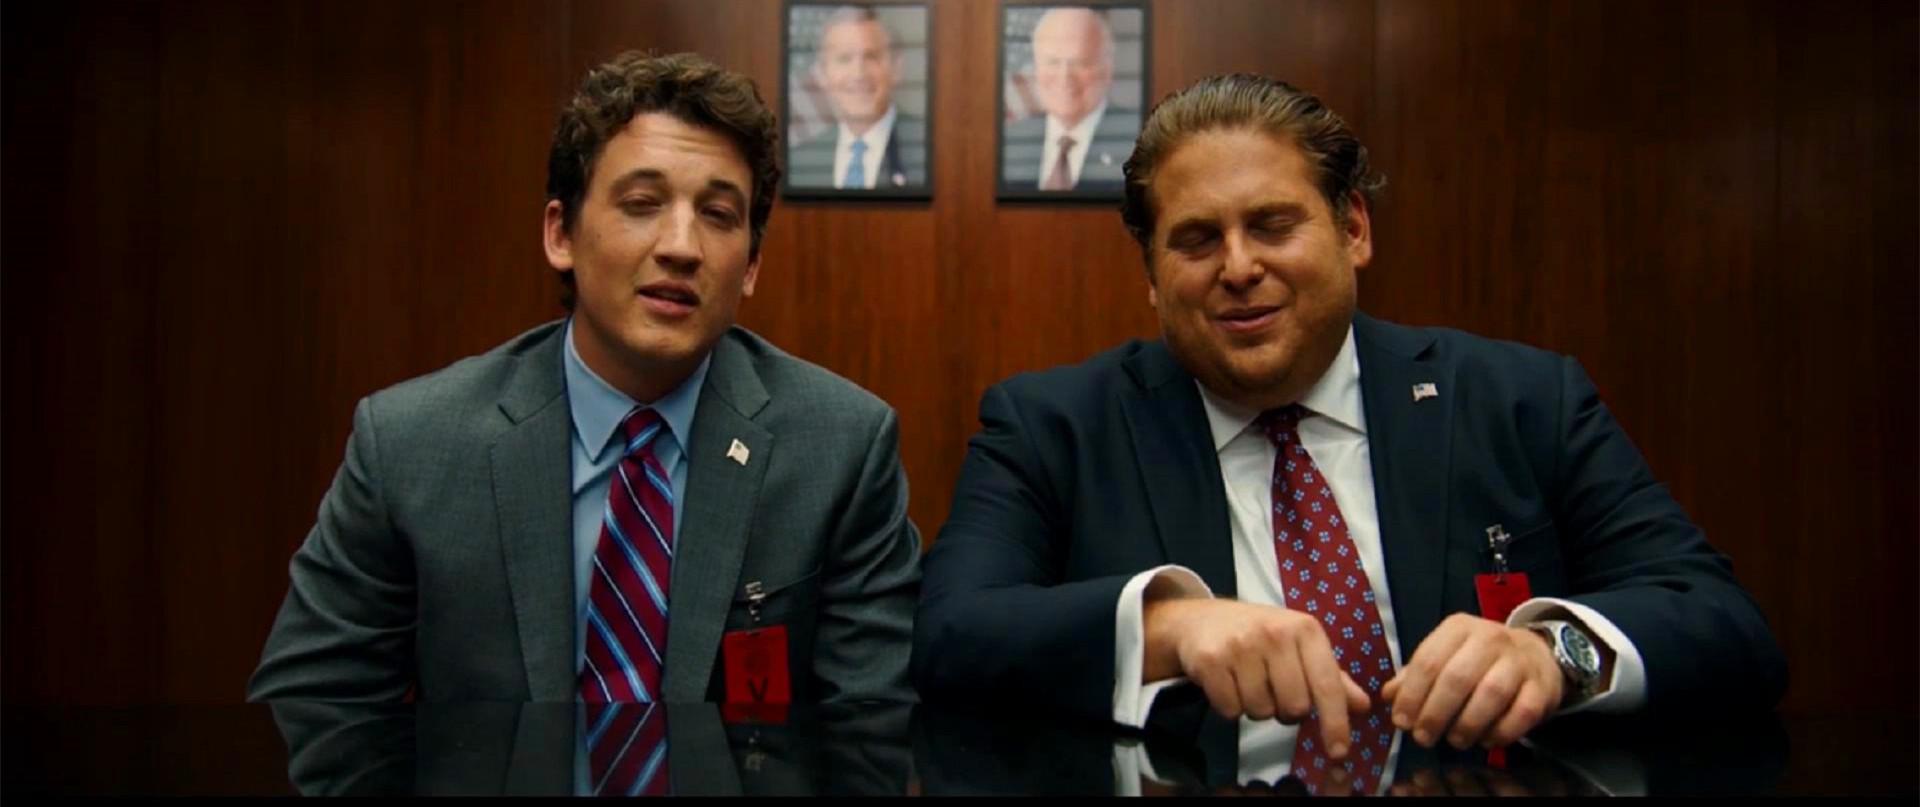 #真人真事改编的好电影#按摩小弟, 如何成为世界级军火商人, 跟美国政府做武器交易